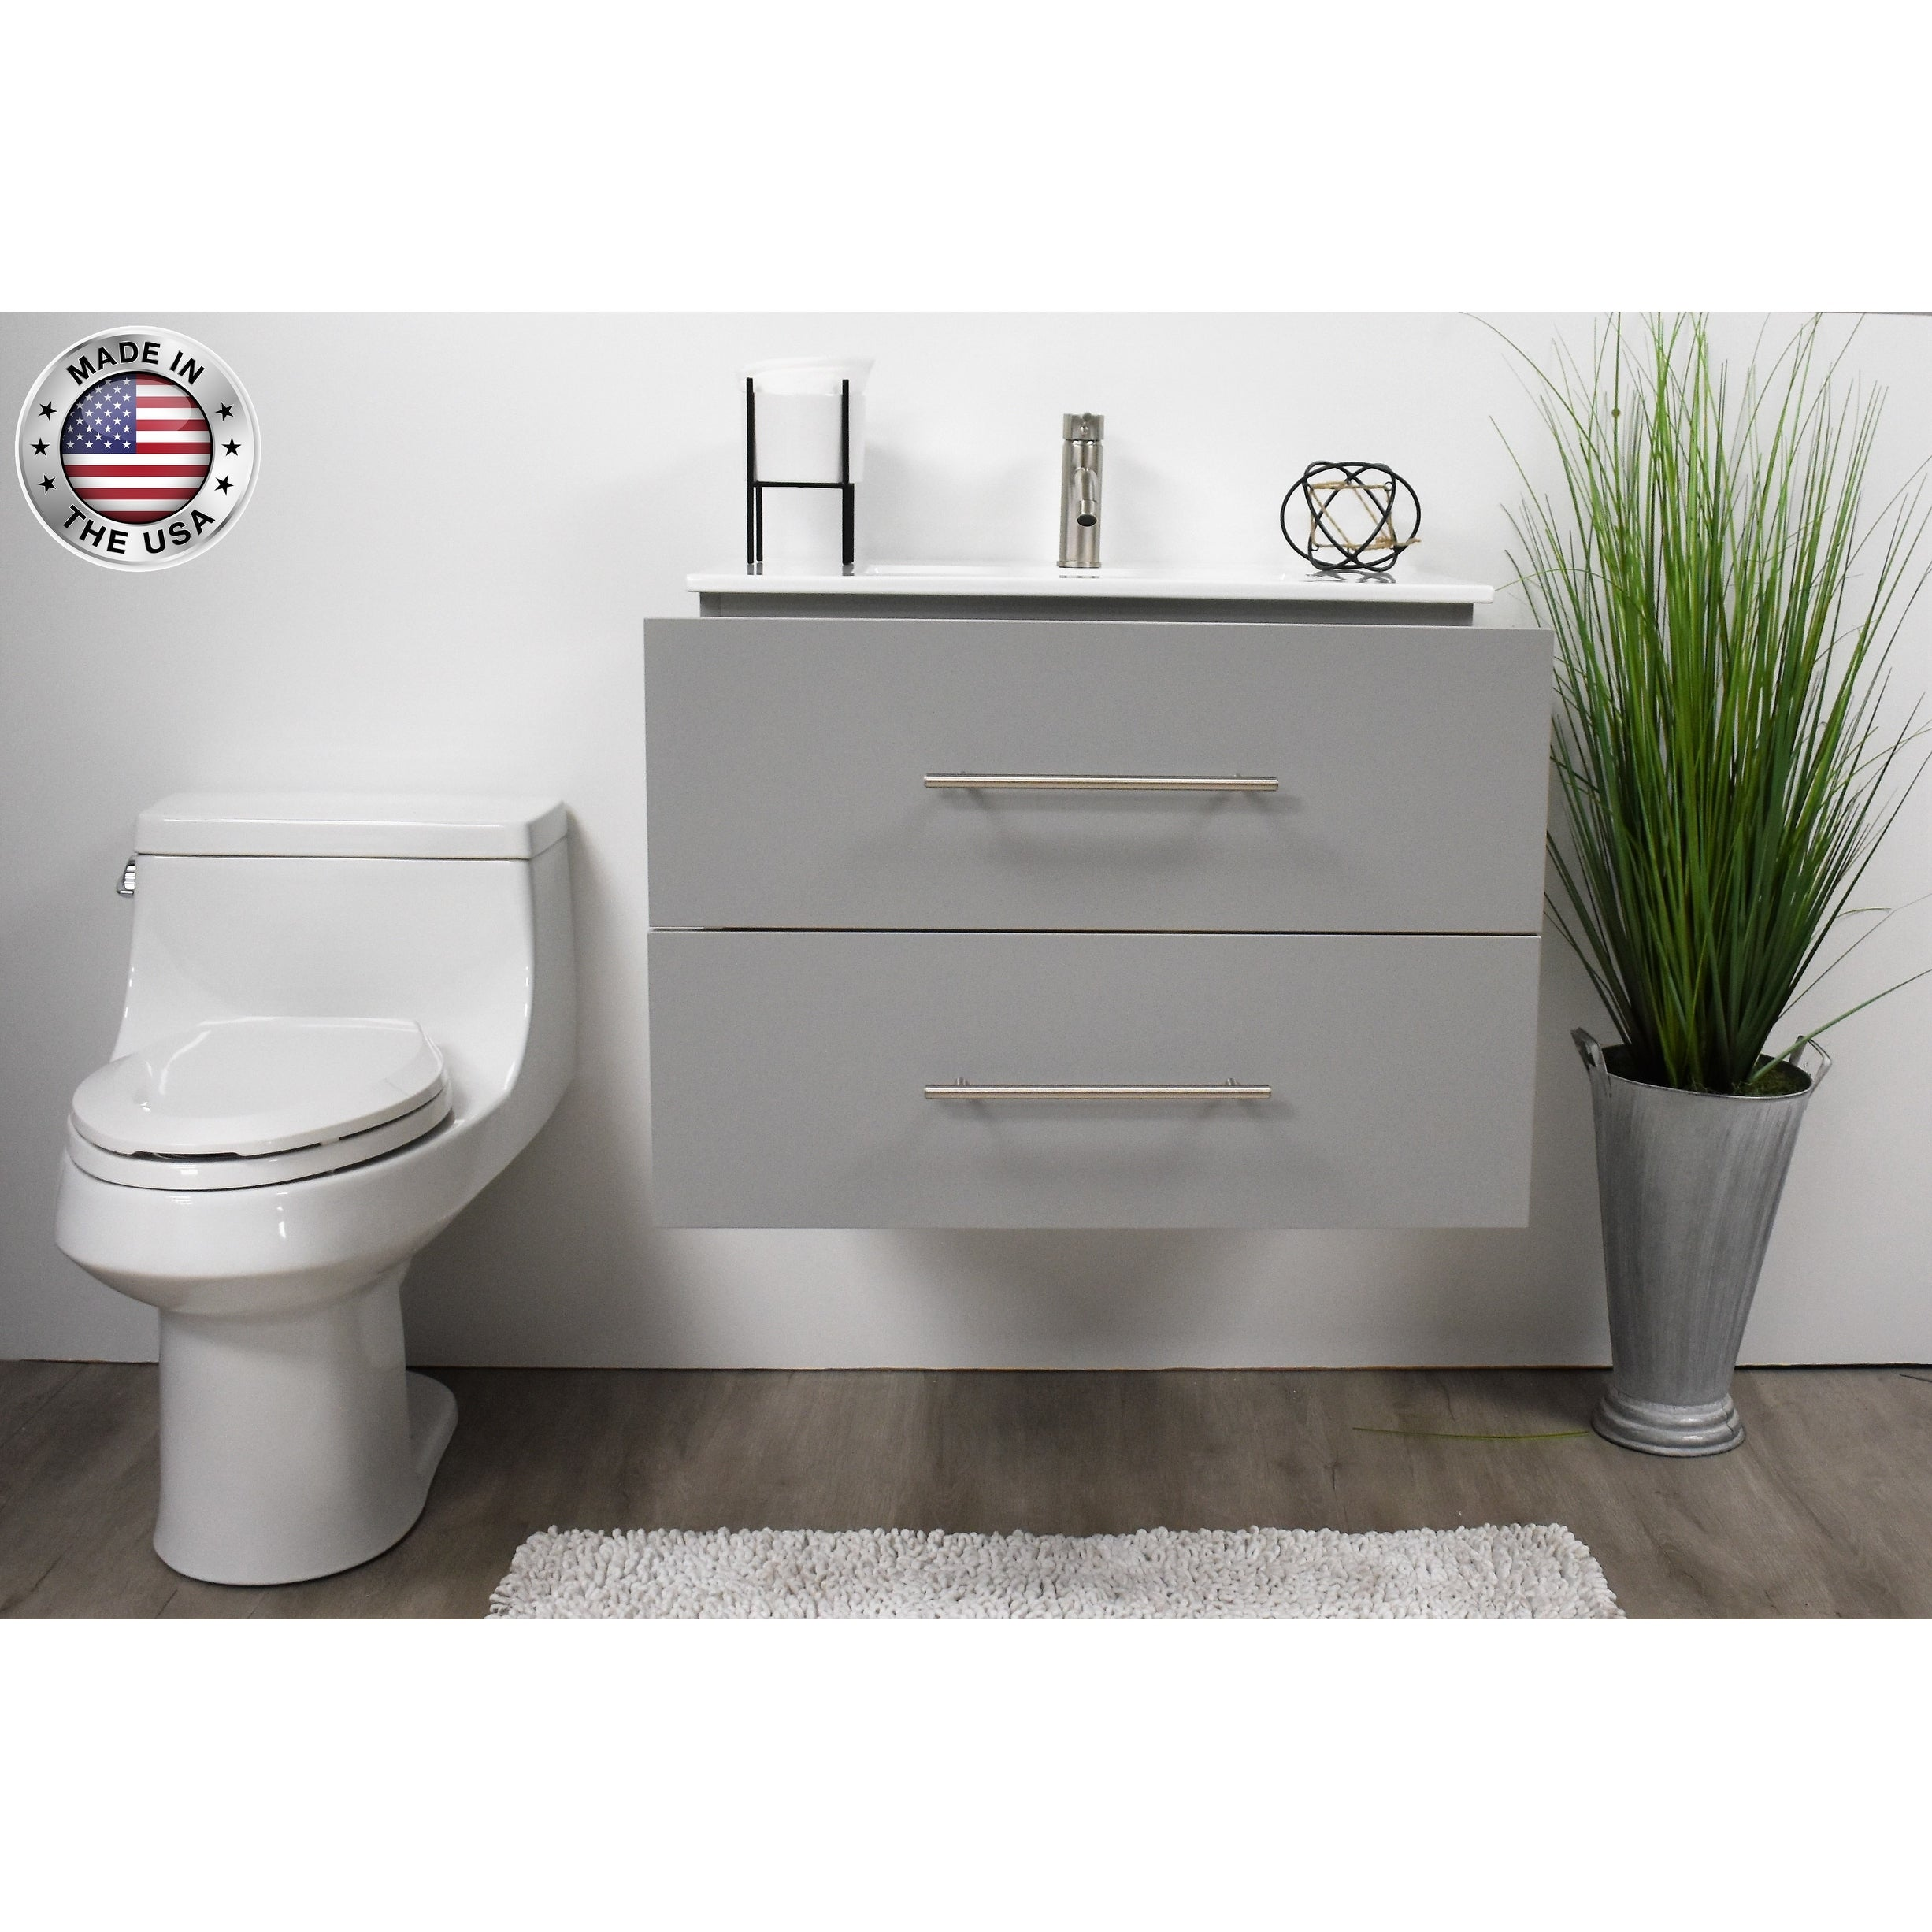 Volpa Usa Napa 24 Inch Grey Wall Mounted Floating Bathroom Vanity Set Overstock 32207293